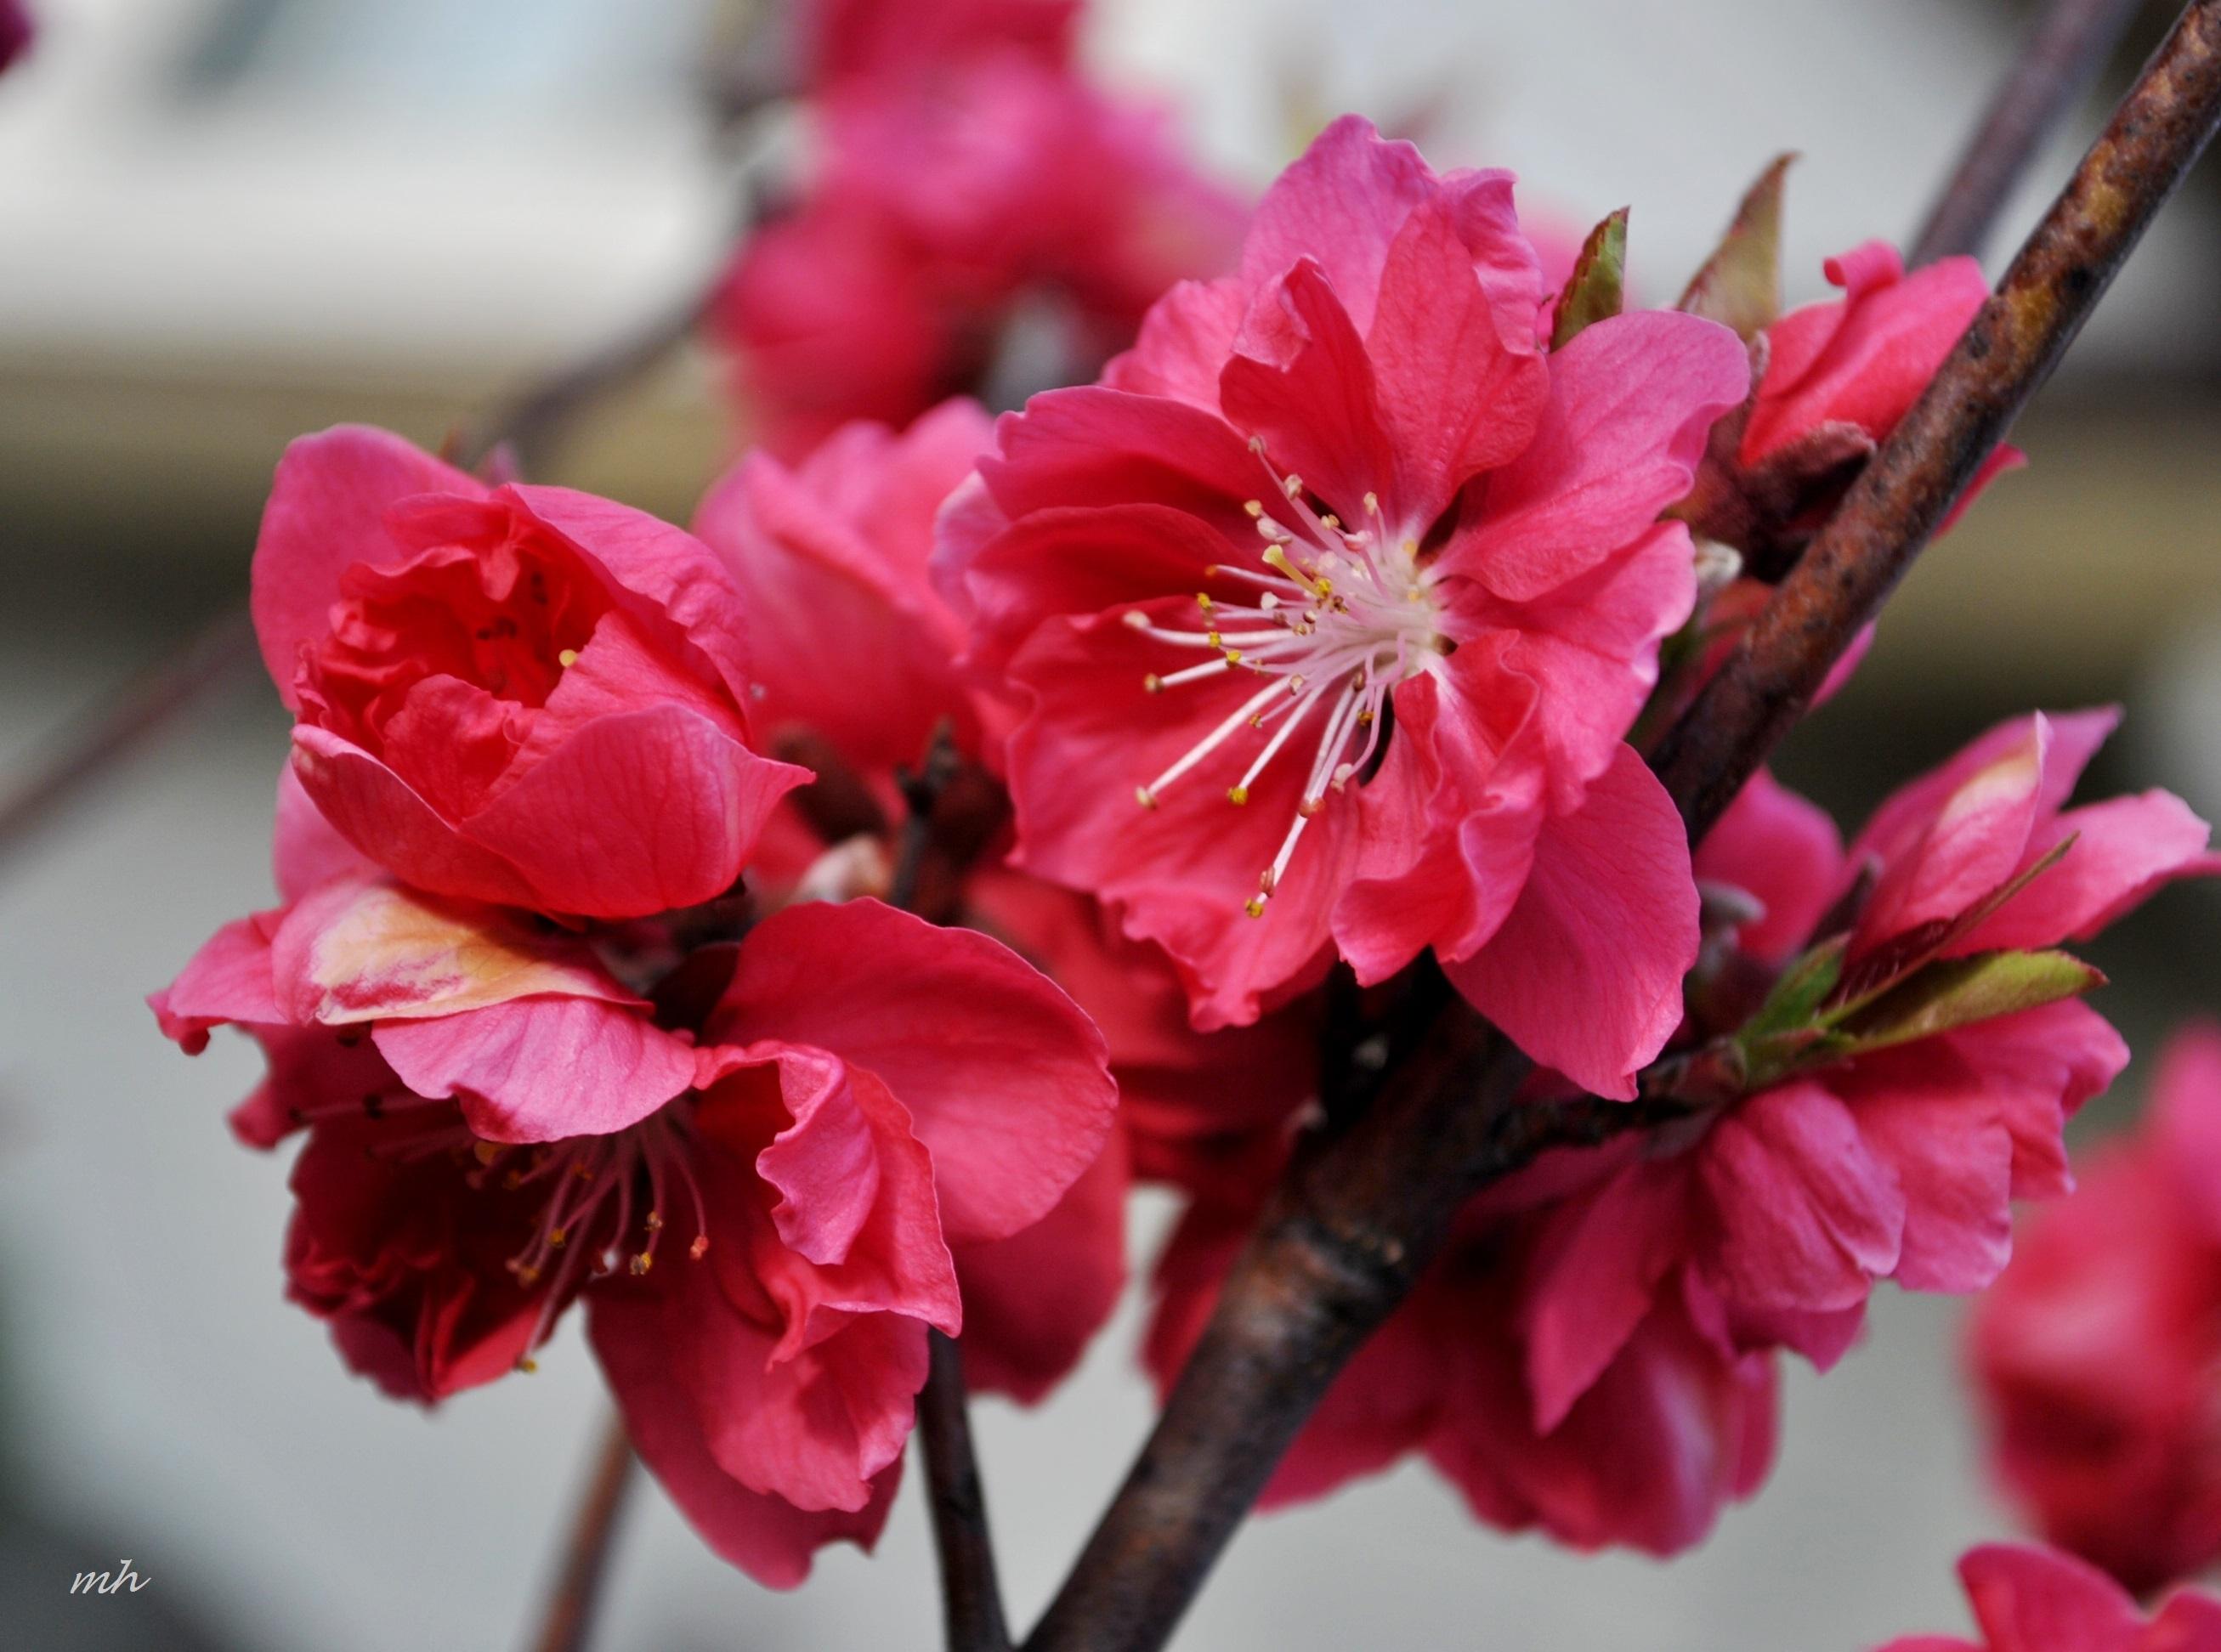 Hình ảnh Hoa đào đỏ thắm